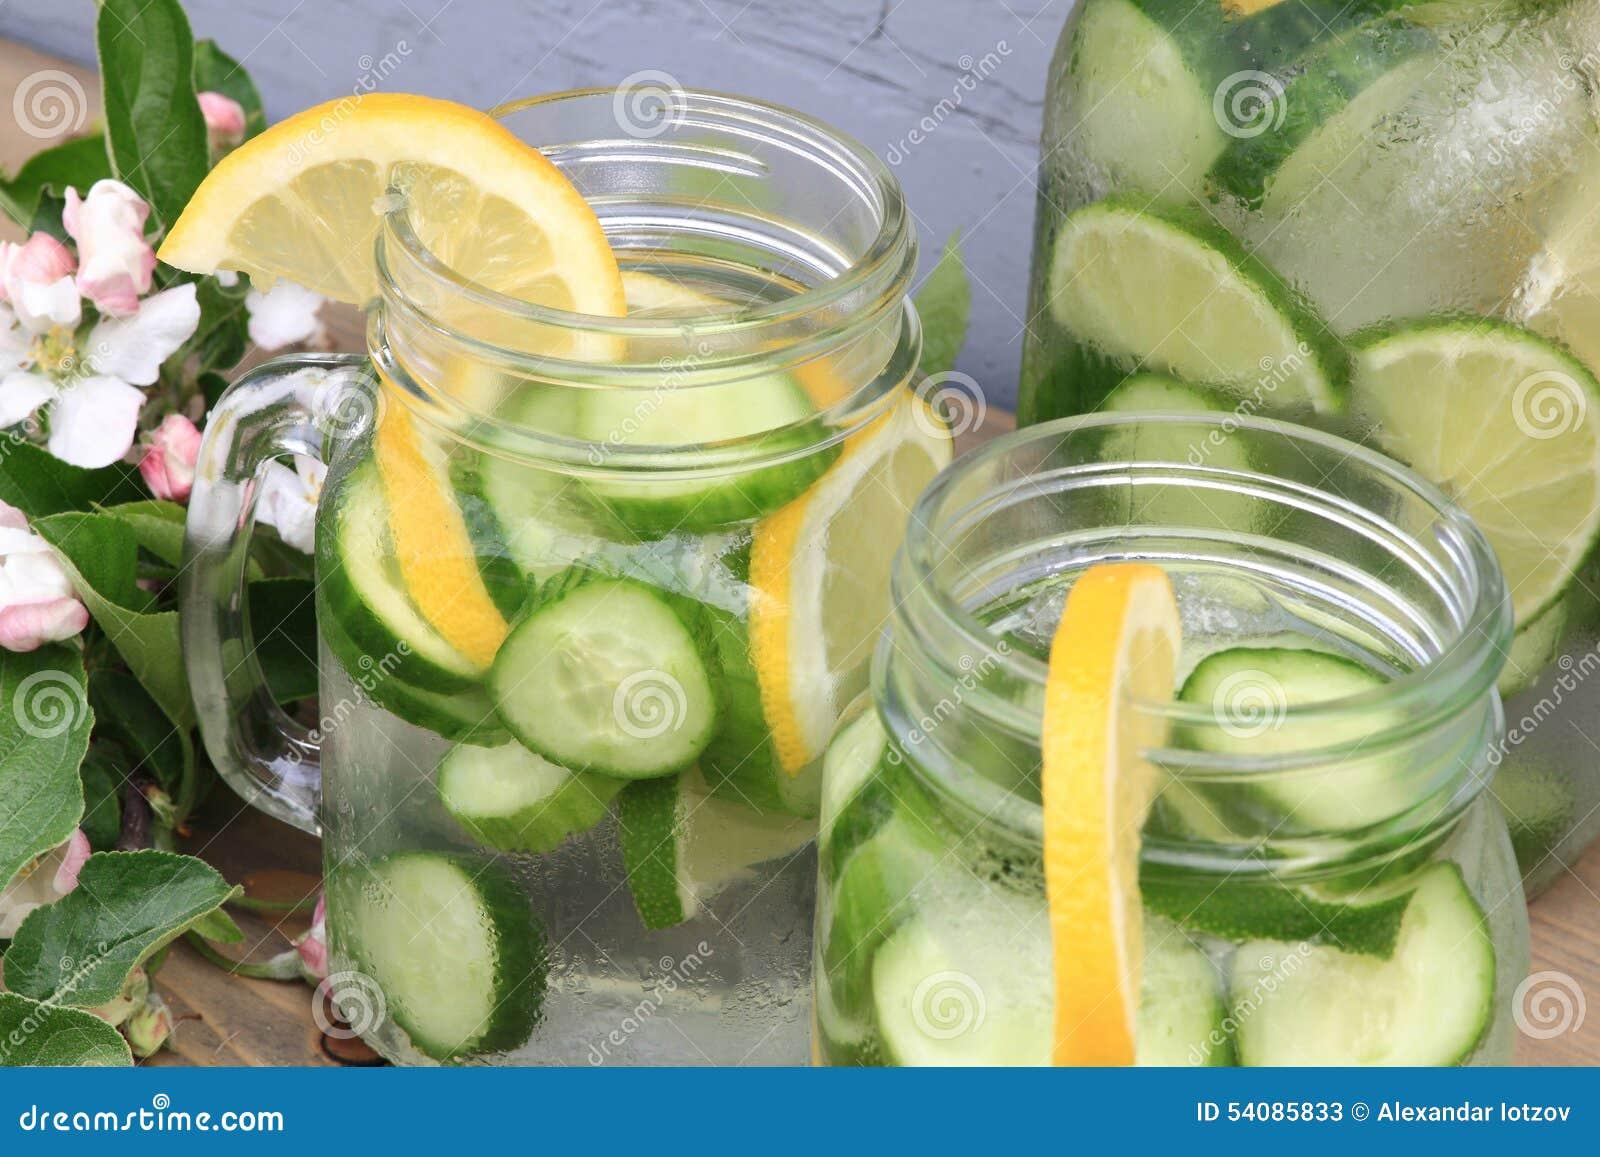 Gediend natuurlijk Op smaak gebracht Komkommerwater